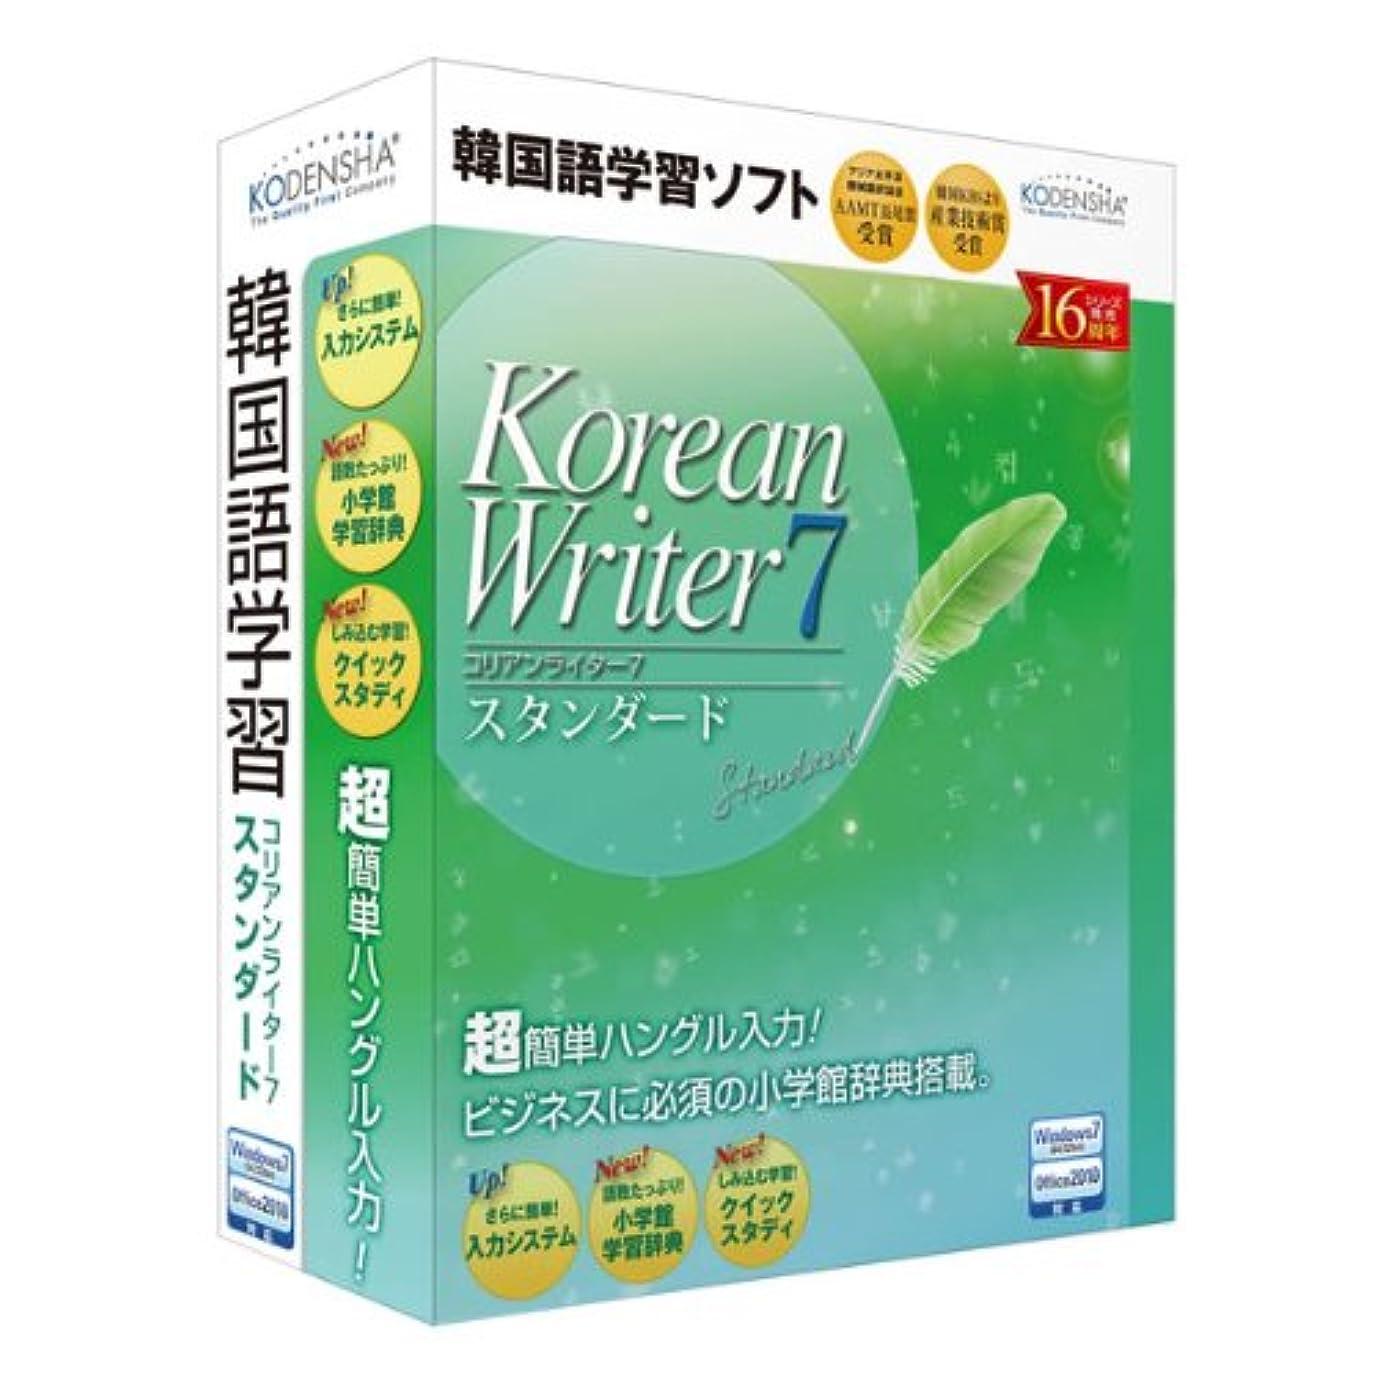 お酒虫を数えるトークン高電社 KoreanWriter7 スタンダード